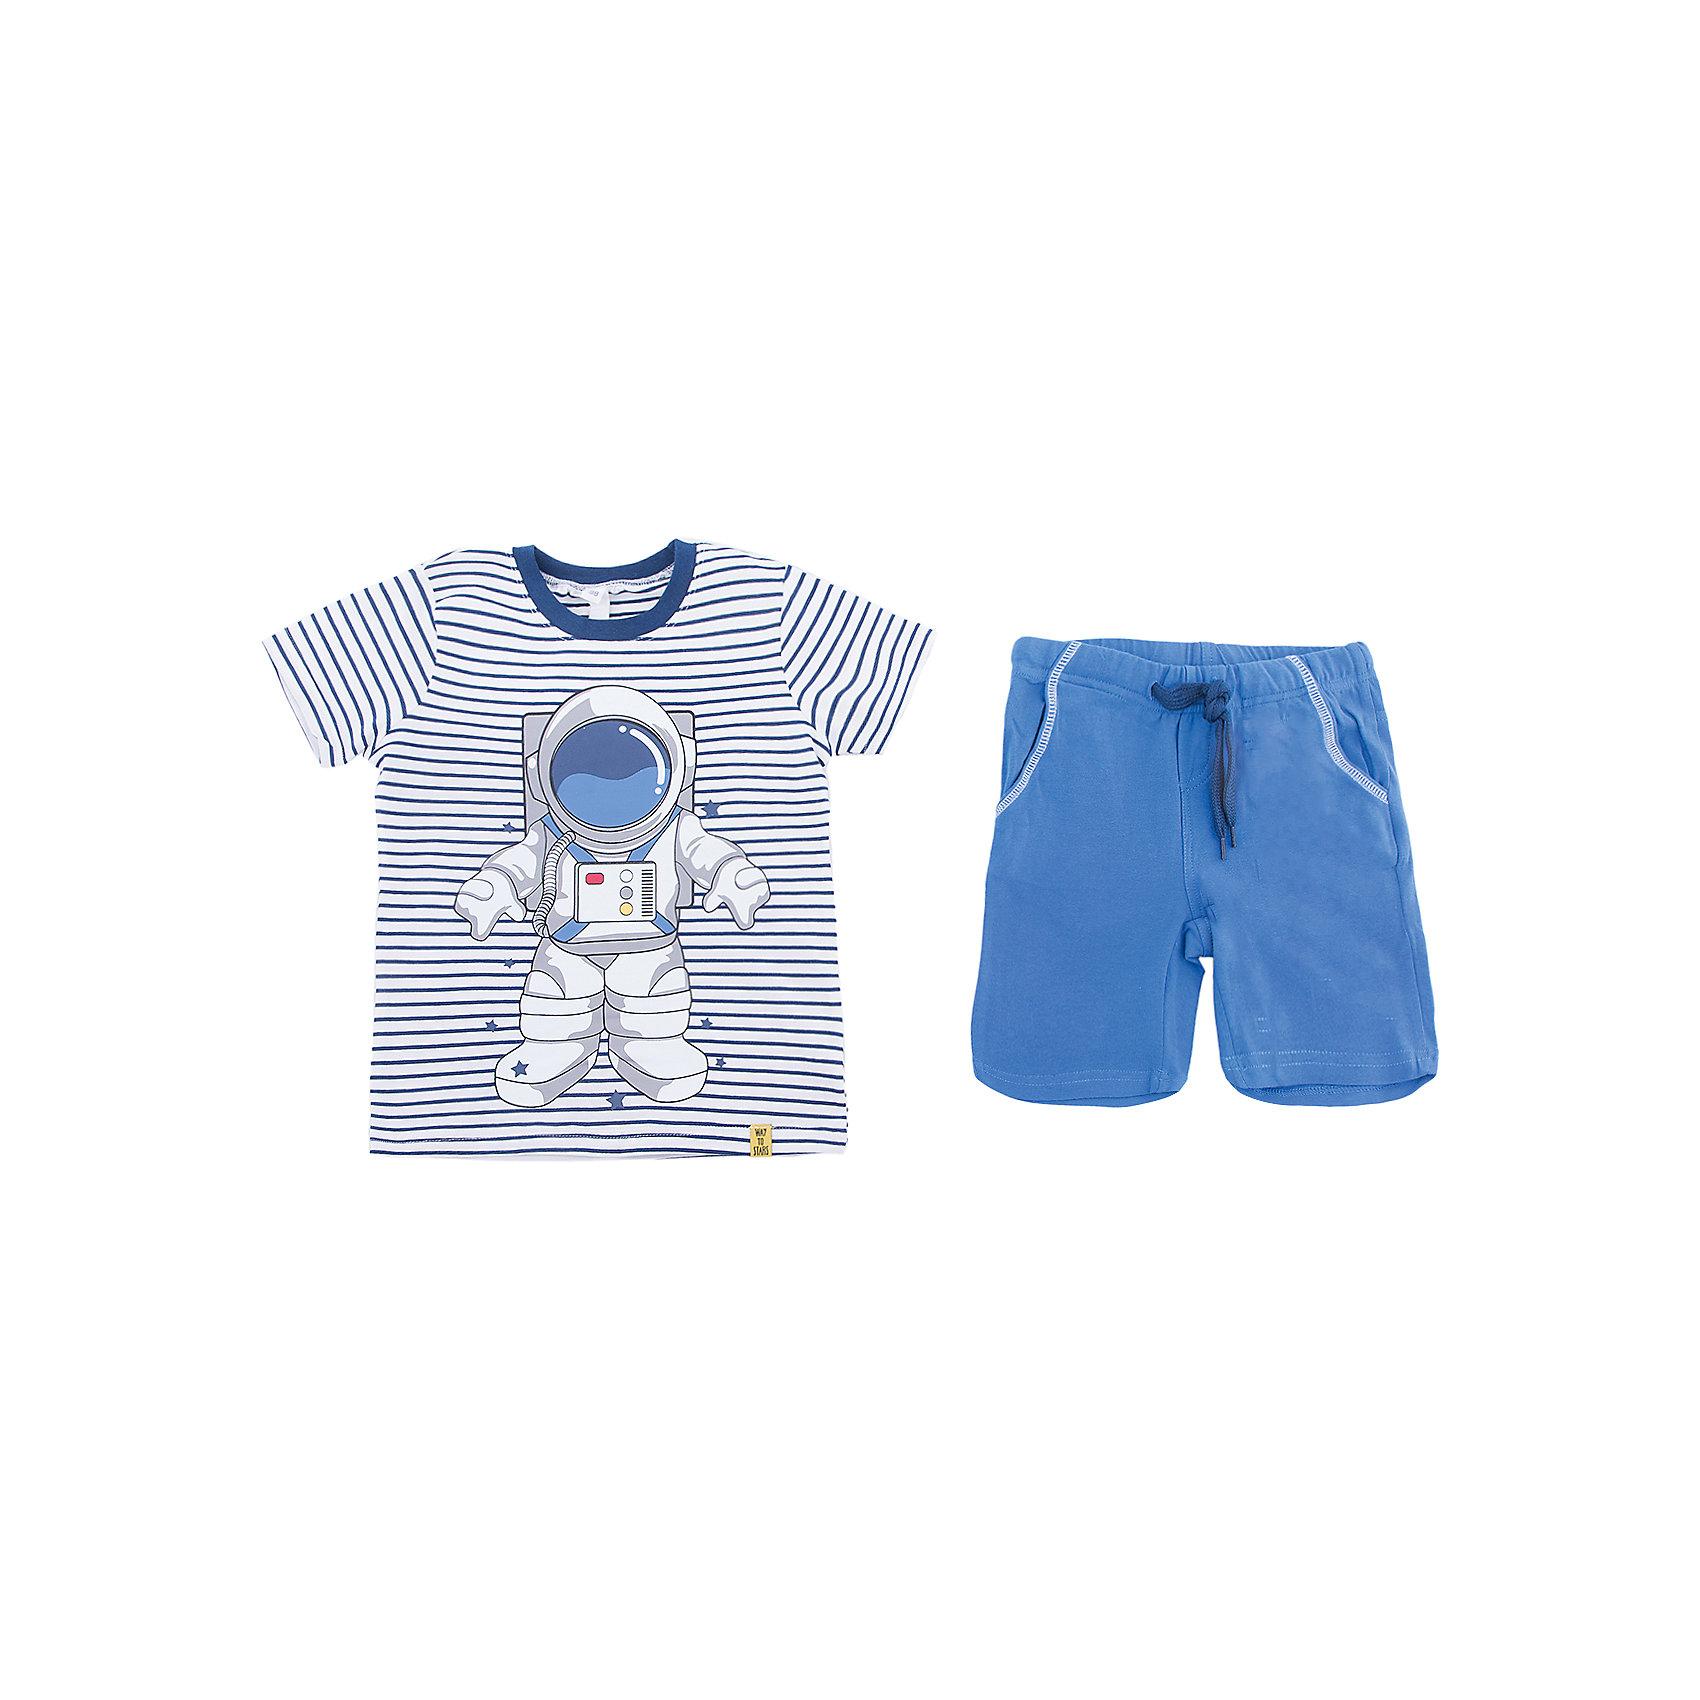 Комплект: футболка и шорты PlayToday для мальчикаКомплекты<br>Комплект: футболка и шорты PlayToday для мальчика<br>Комплект из футболки и шорт. Натуральный материал не сковывает движений. Пояс шорт на широкой мягкой резинке, дополнен регулируемым шнуром - кулиской. Футболка выполнена по технологии yarn dyed - в процессе производства используются разного цвета нити. При рекомендуемом уходе изделие не линяет и надолго остается в первоначальном виде.<br>Состав:<br>95% хлопок, 5% эластан<br><br>Ширина мм: 199<br>Глубина мм: 10<br>Высота мм: 161<br>Вес г: 151<br>Цвет: белый<br>Возраст от месяцев: 84<br>Возраст до месяцев: 96<br>Пол: Мужской<br>Возраст: Детский<br>Размер: 128,98,104,110,116,122<br>SKU: 7111518